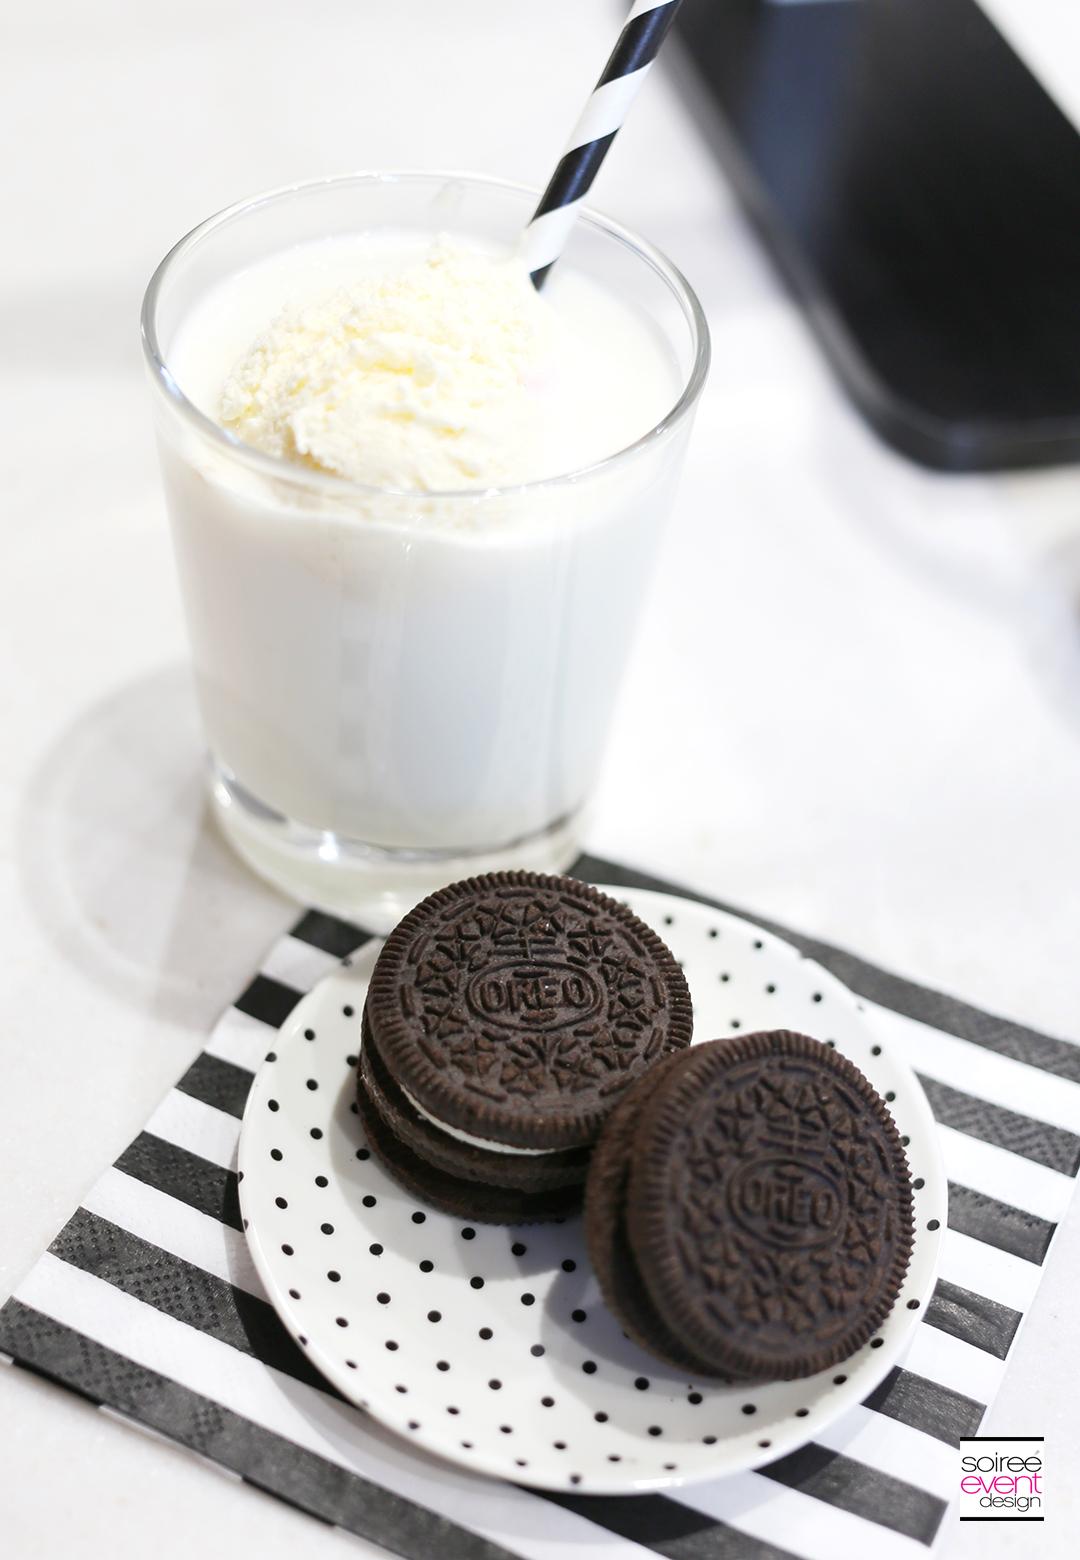 Vanilla Milk and OREO Cookies